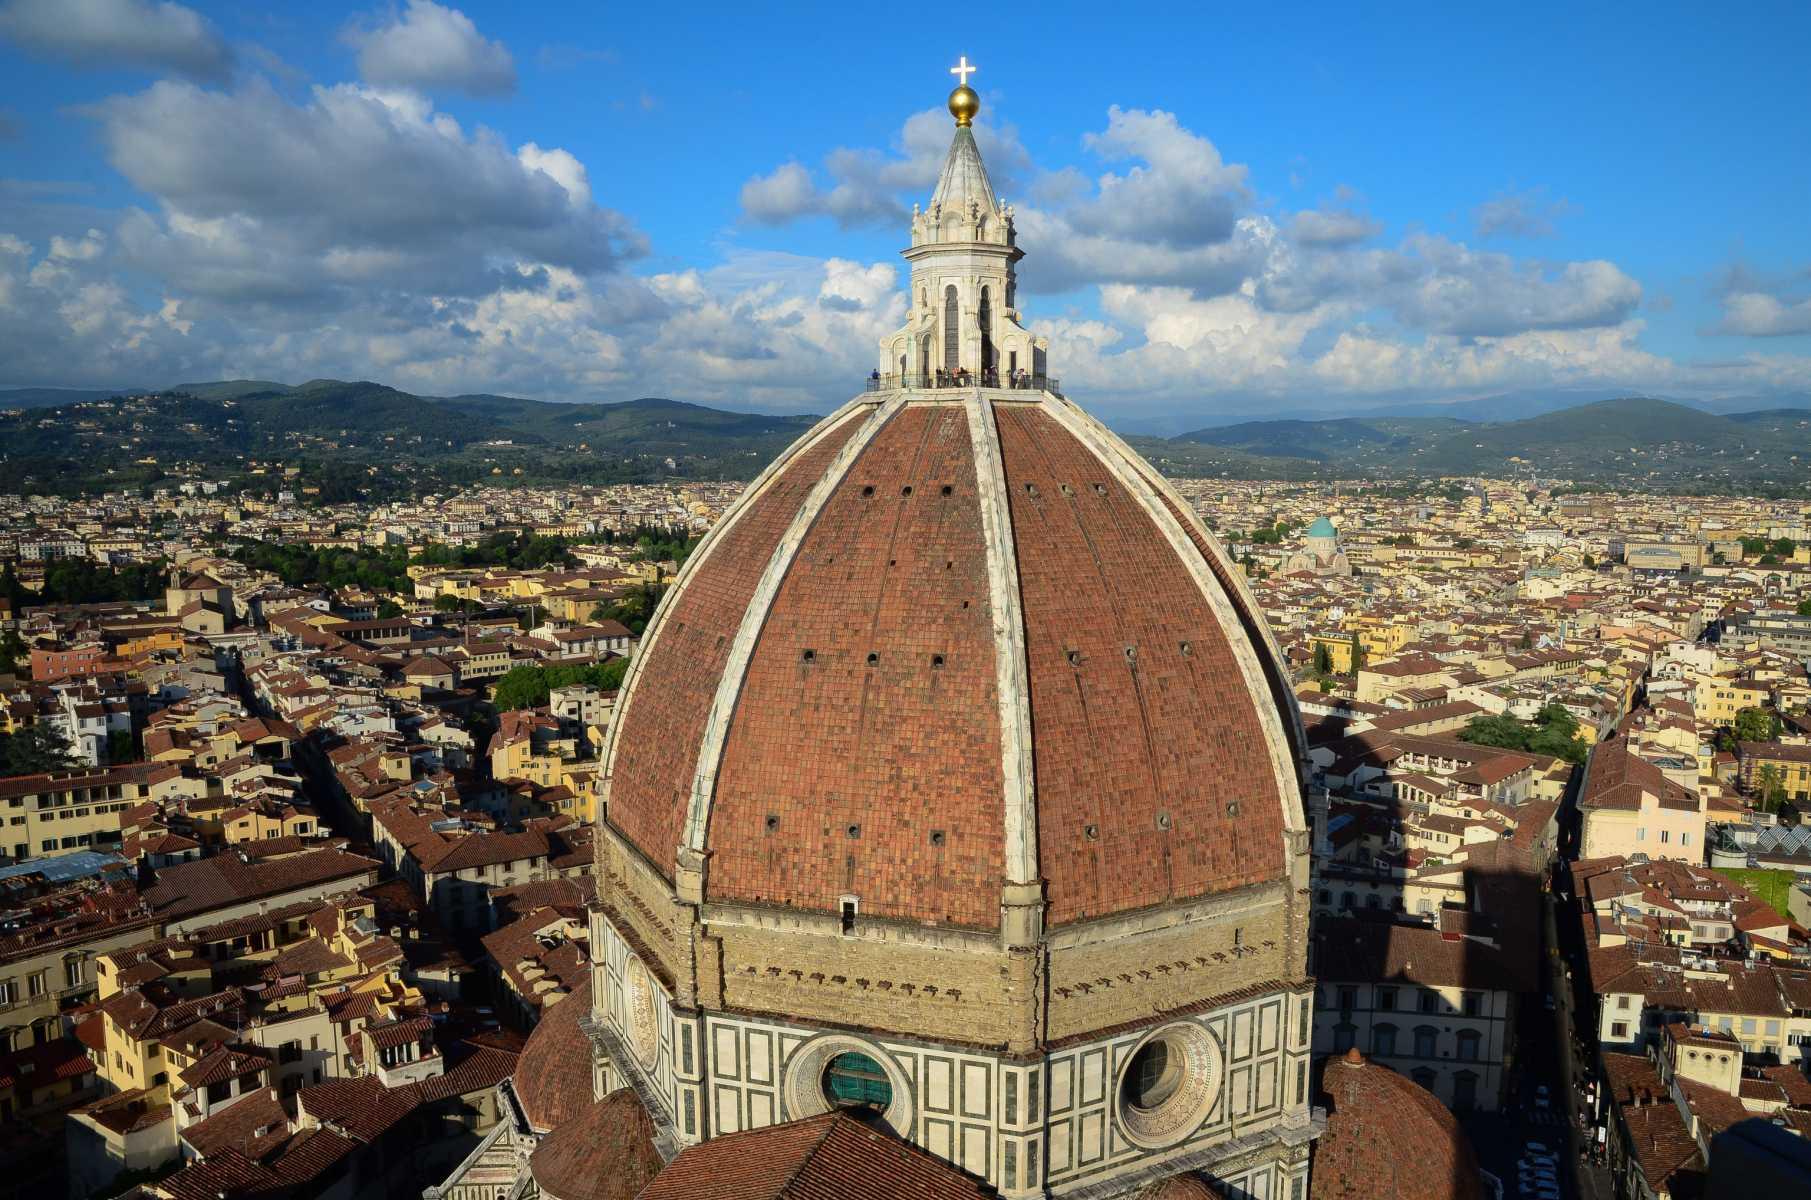 Italie - Toscane - Au pied de la cathédrale de Florence, dessinée au XVe siècle par Brunelleschi, les toits roux de la ville et les collines de Toscane, au loin.